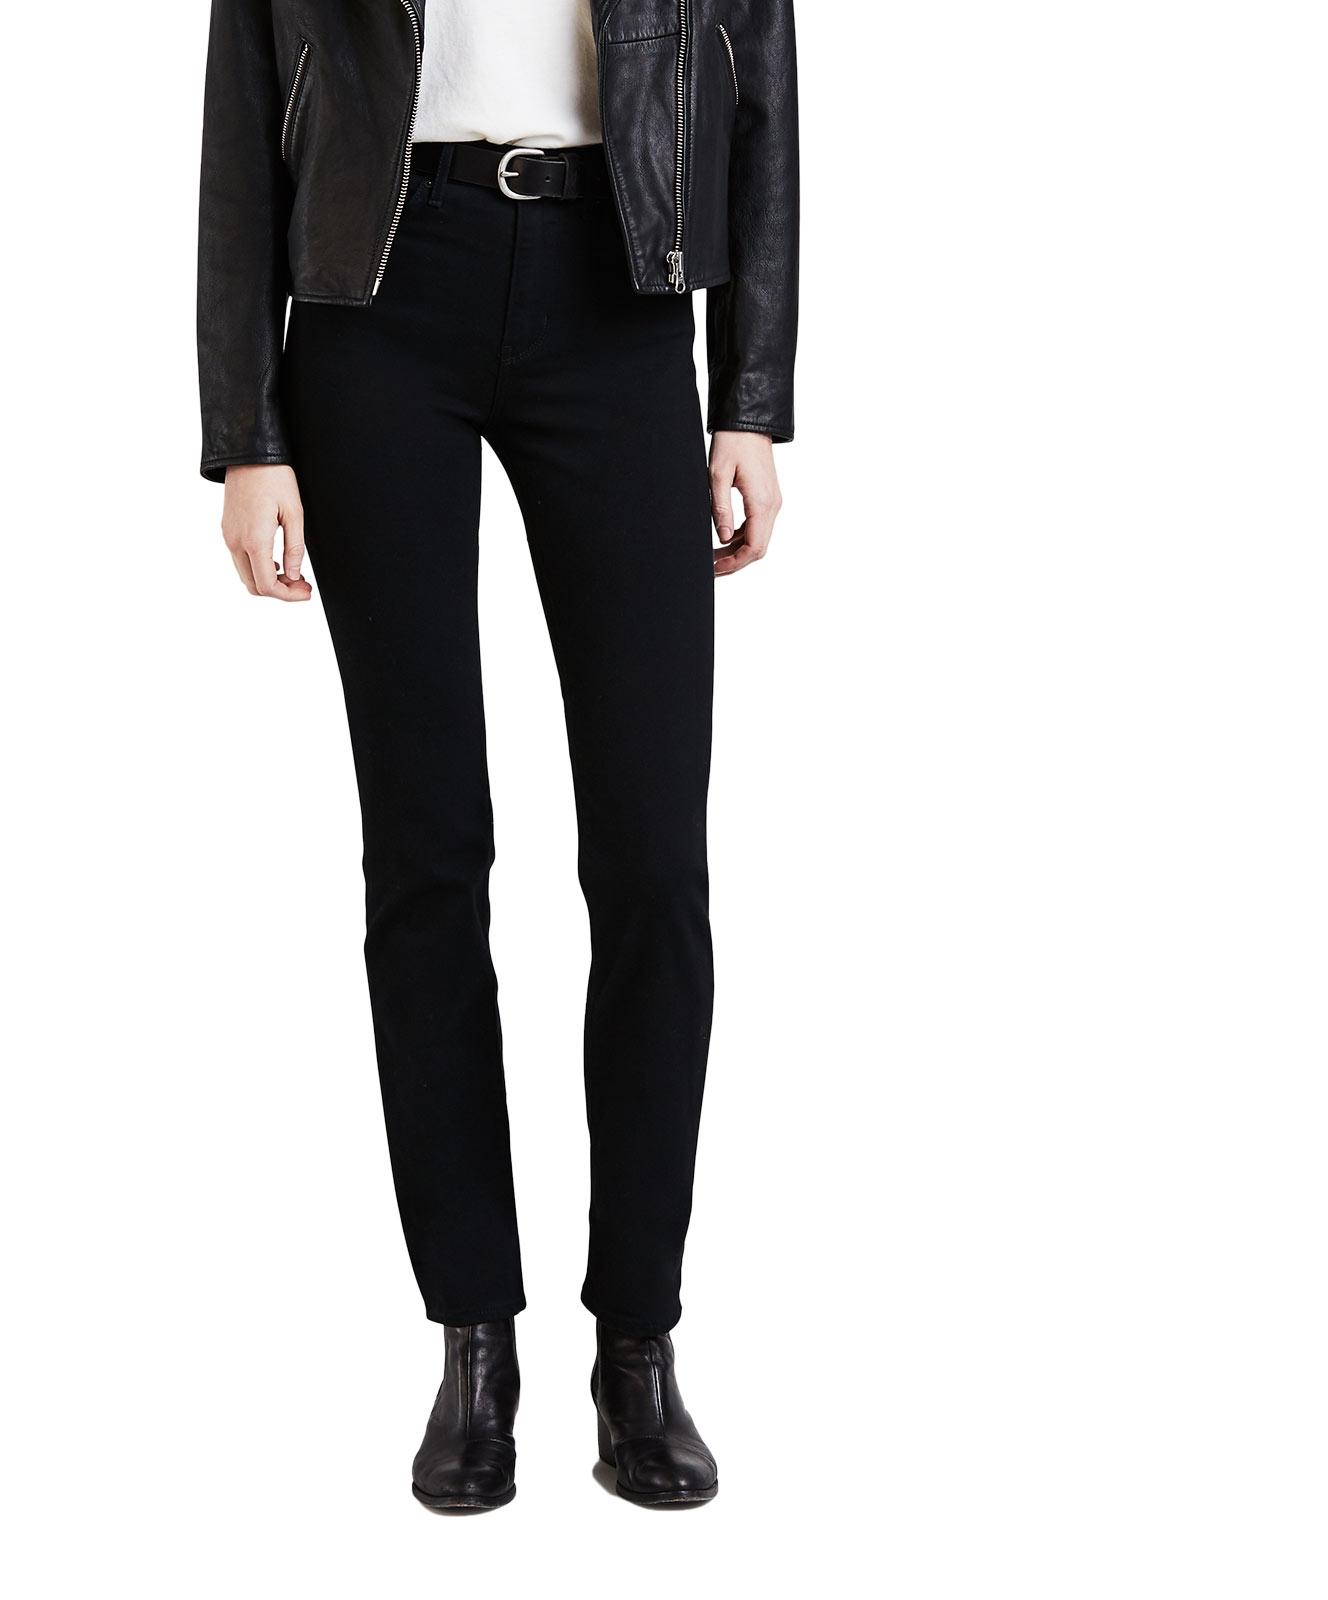 Hosen für Frauen - Levi's 724 Gerade Schwarze Jeans mit hohem Bund  - Onlineshop Jeans Meile